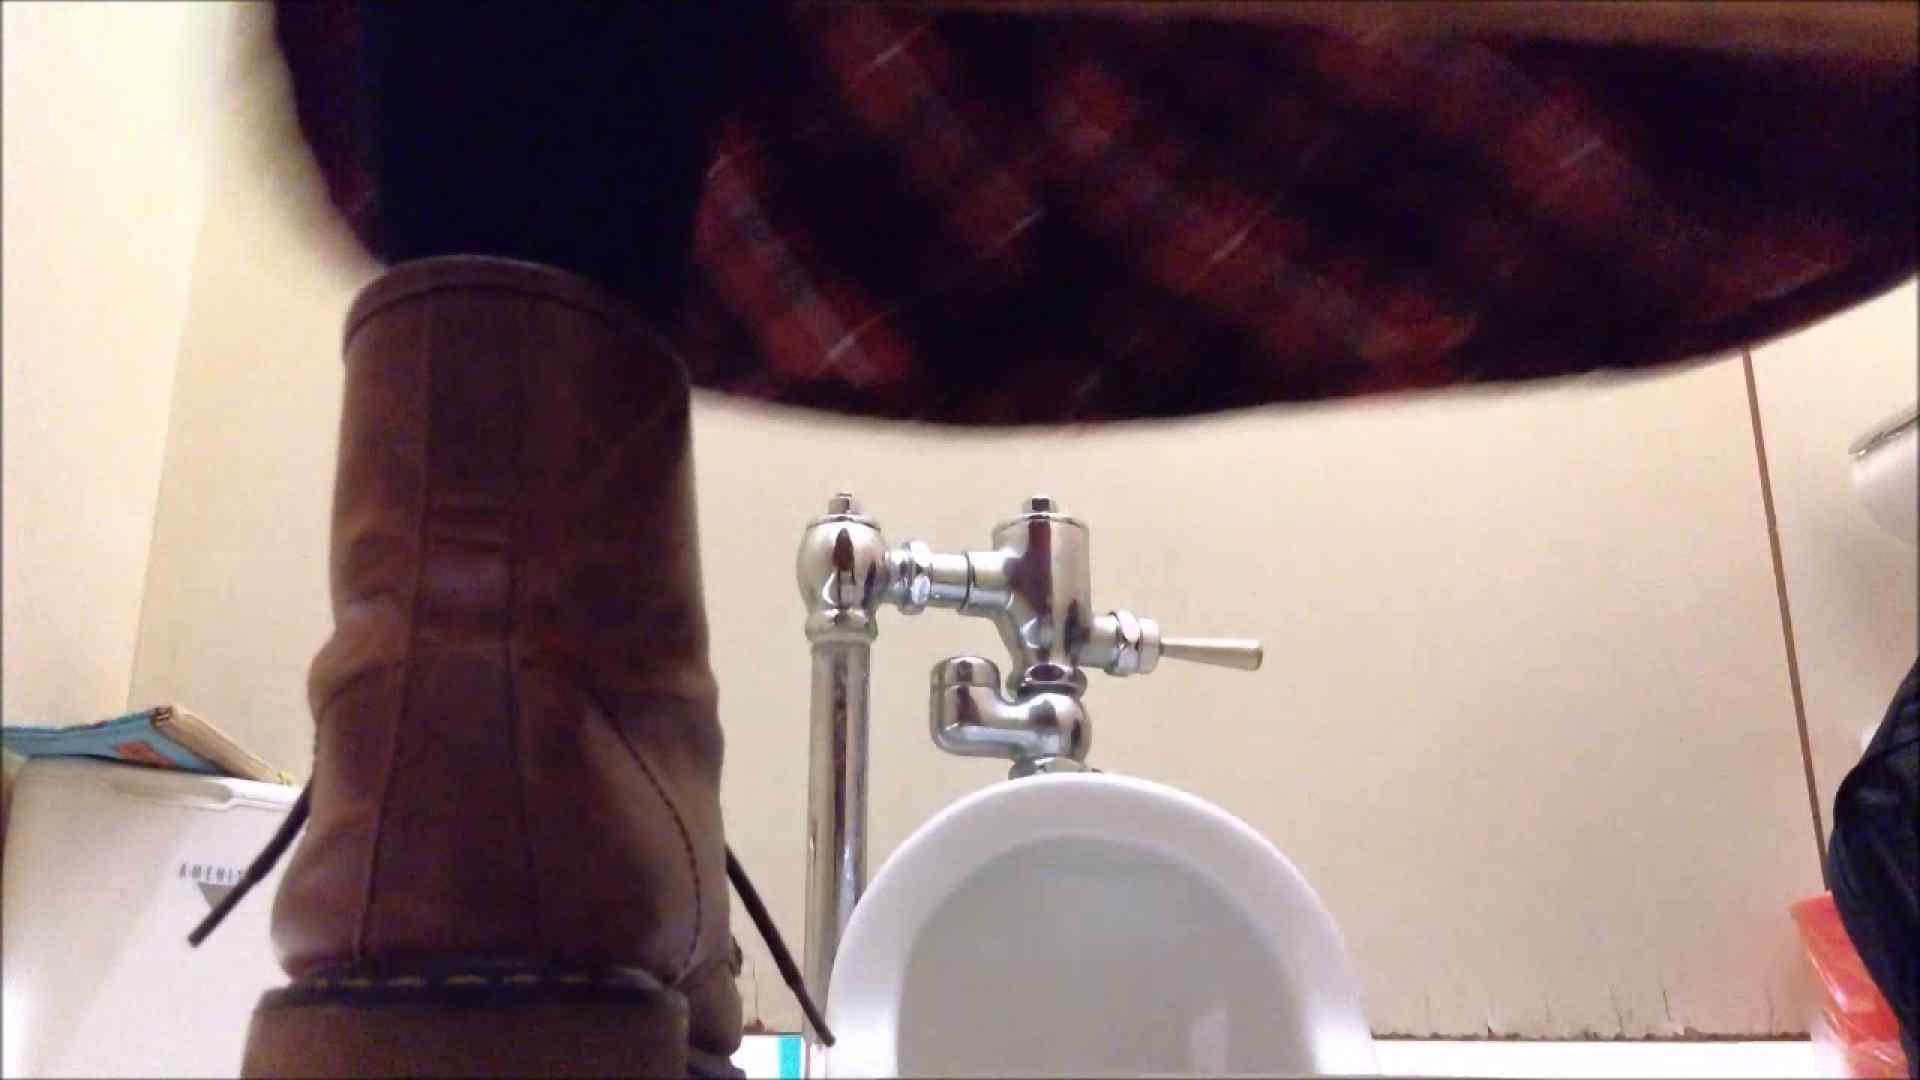 某有名大学女性洗面所 vol.06 排泄 | 和式で・・・  68画像 19